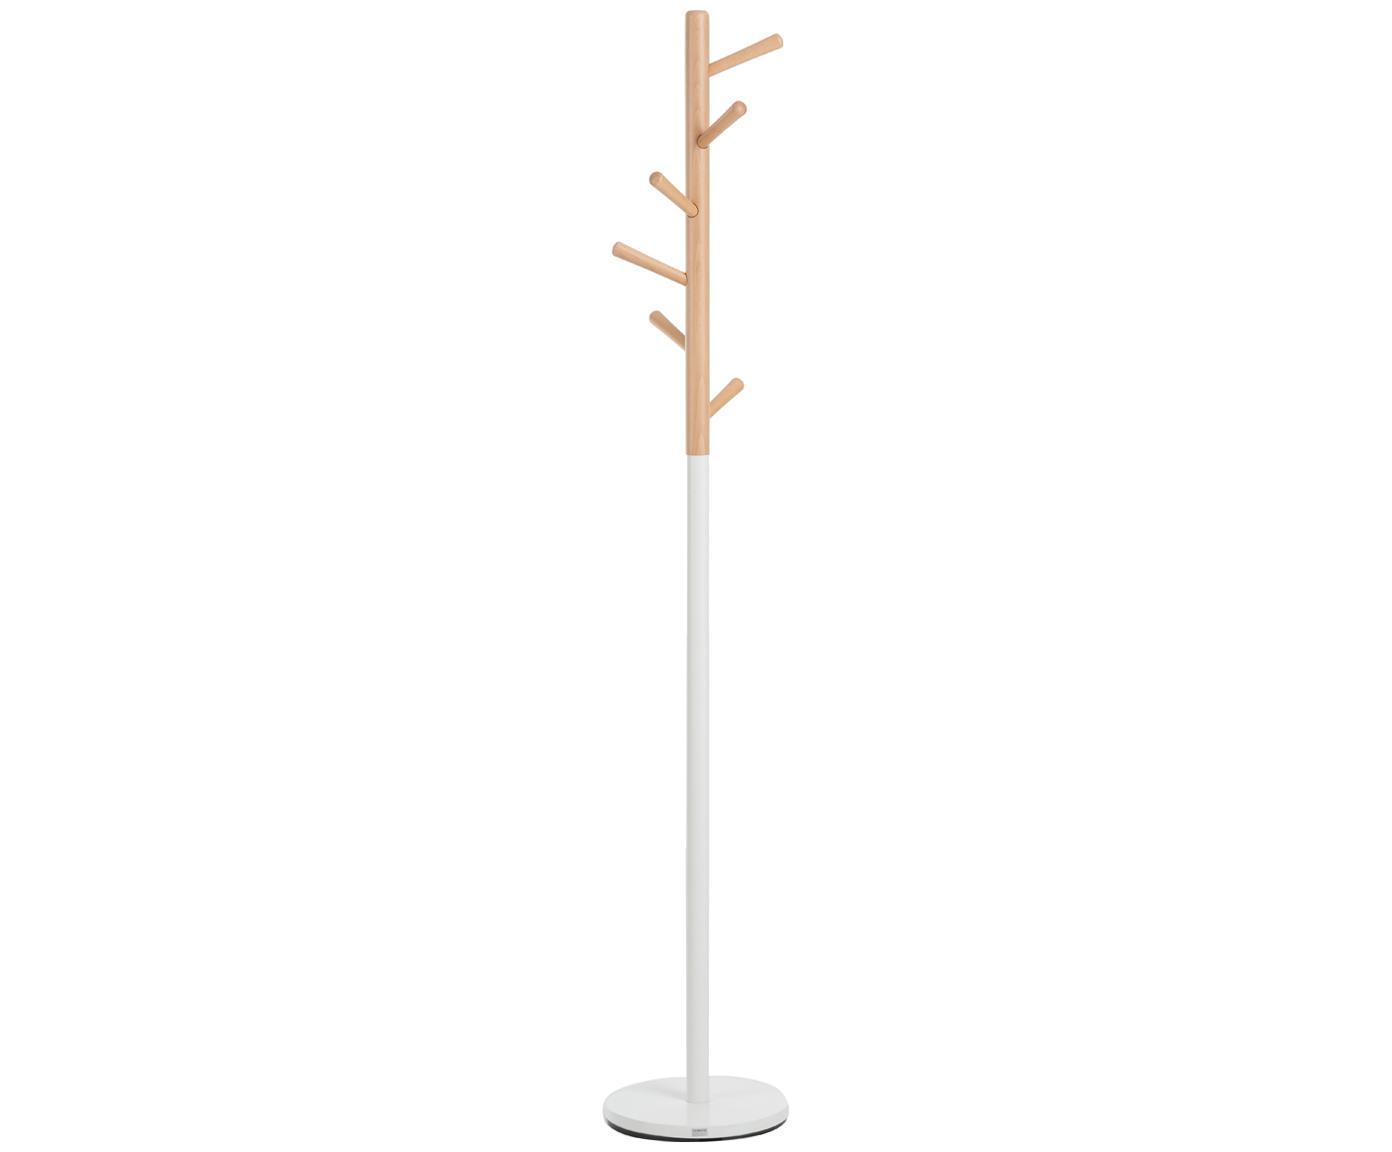 Perchero de pie Kent, 6ganchos, Estructura: madera de haya, pintada, Blanco, haya, Ø 32 x Al 182 cm